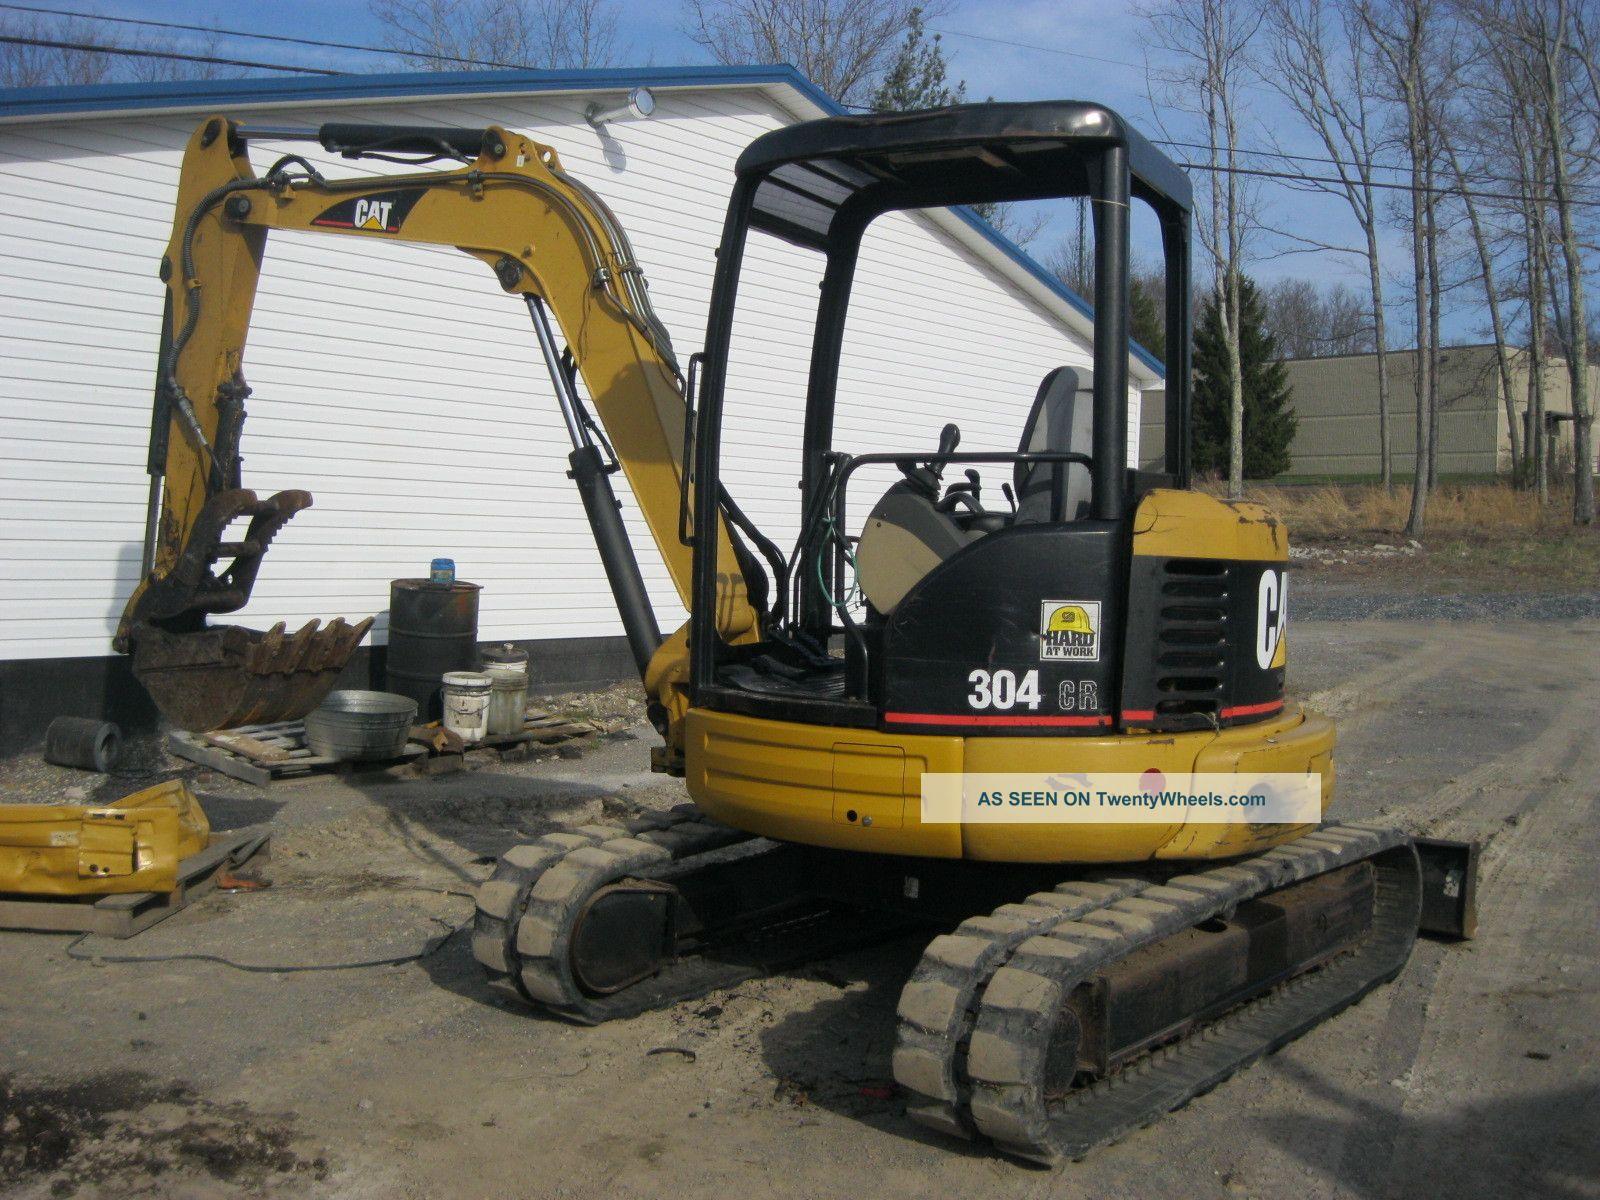 2006 Caterpillar Cat 304cr Mini Excavator Excavators photo